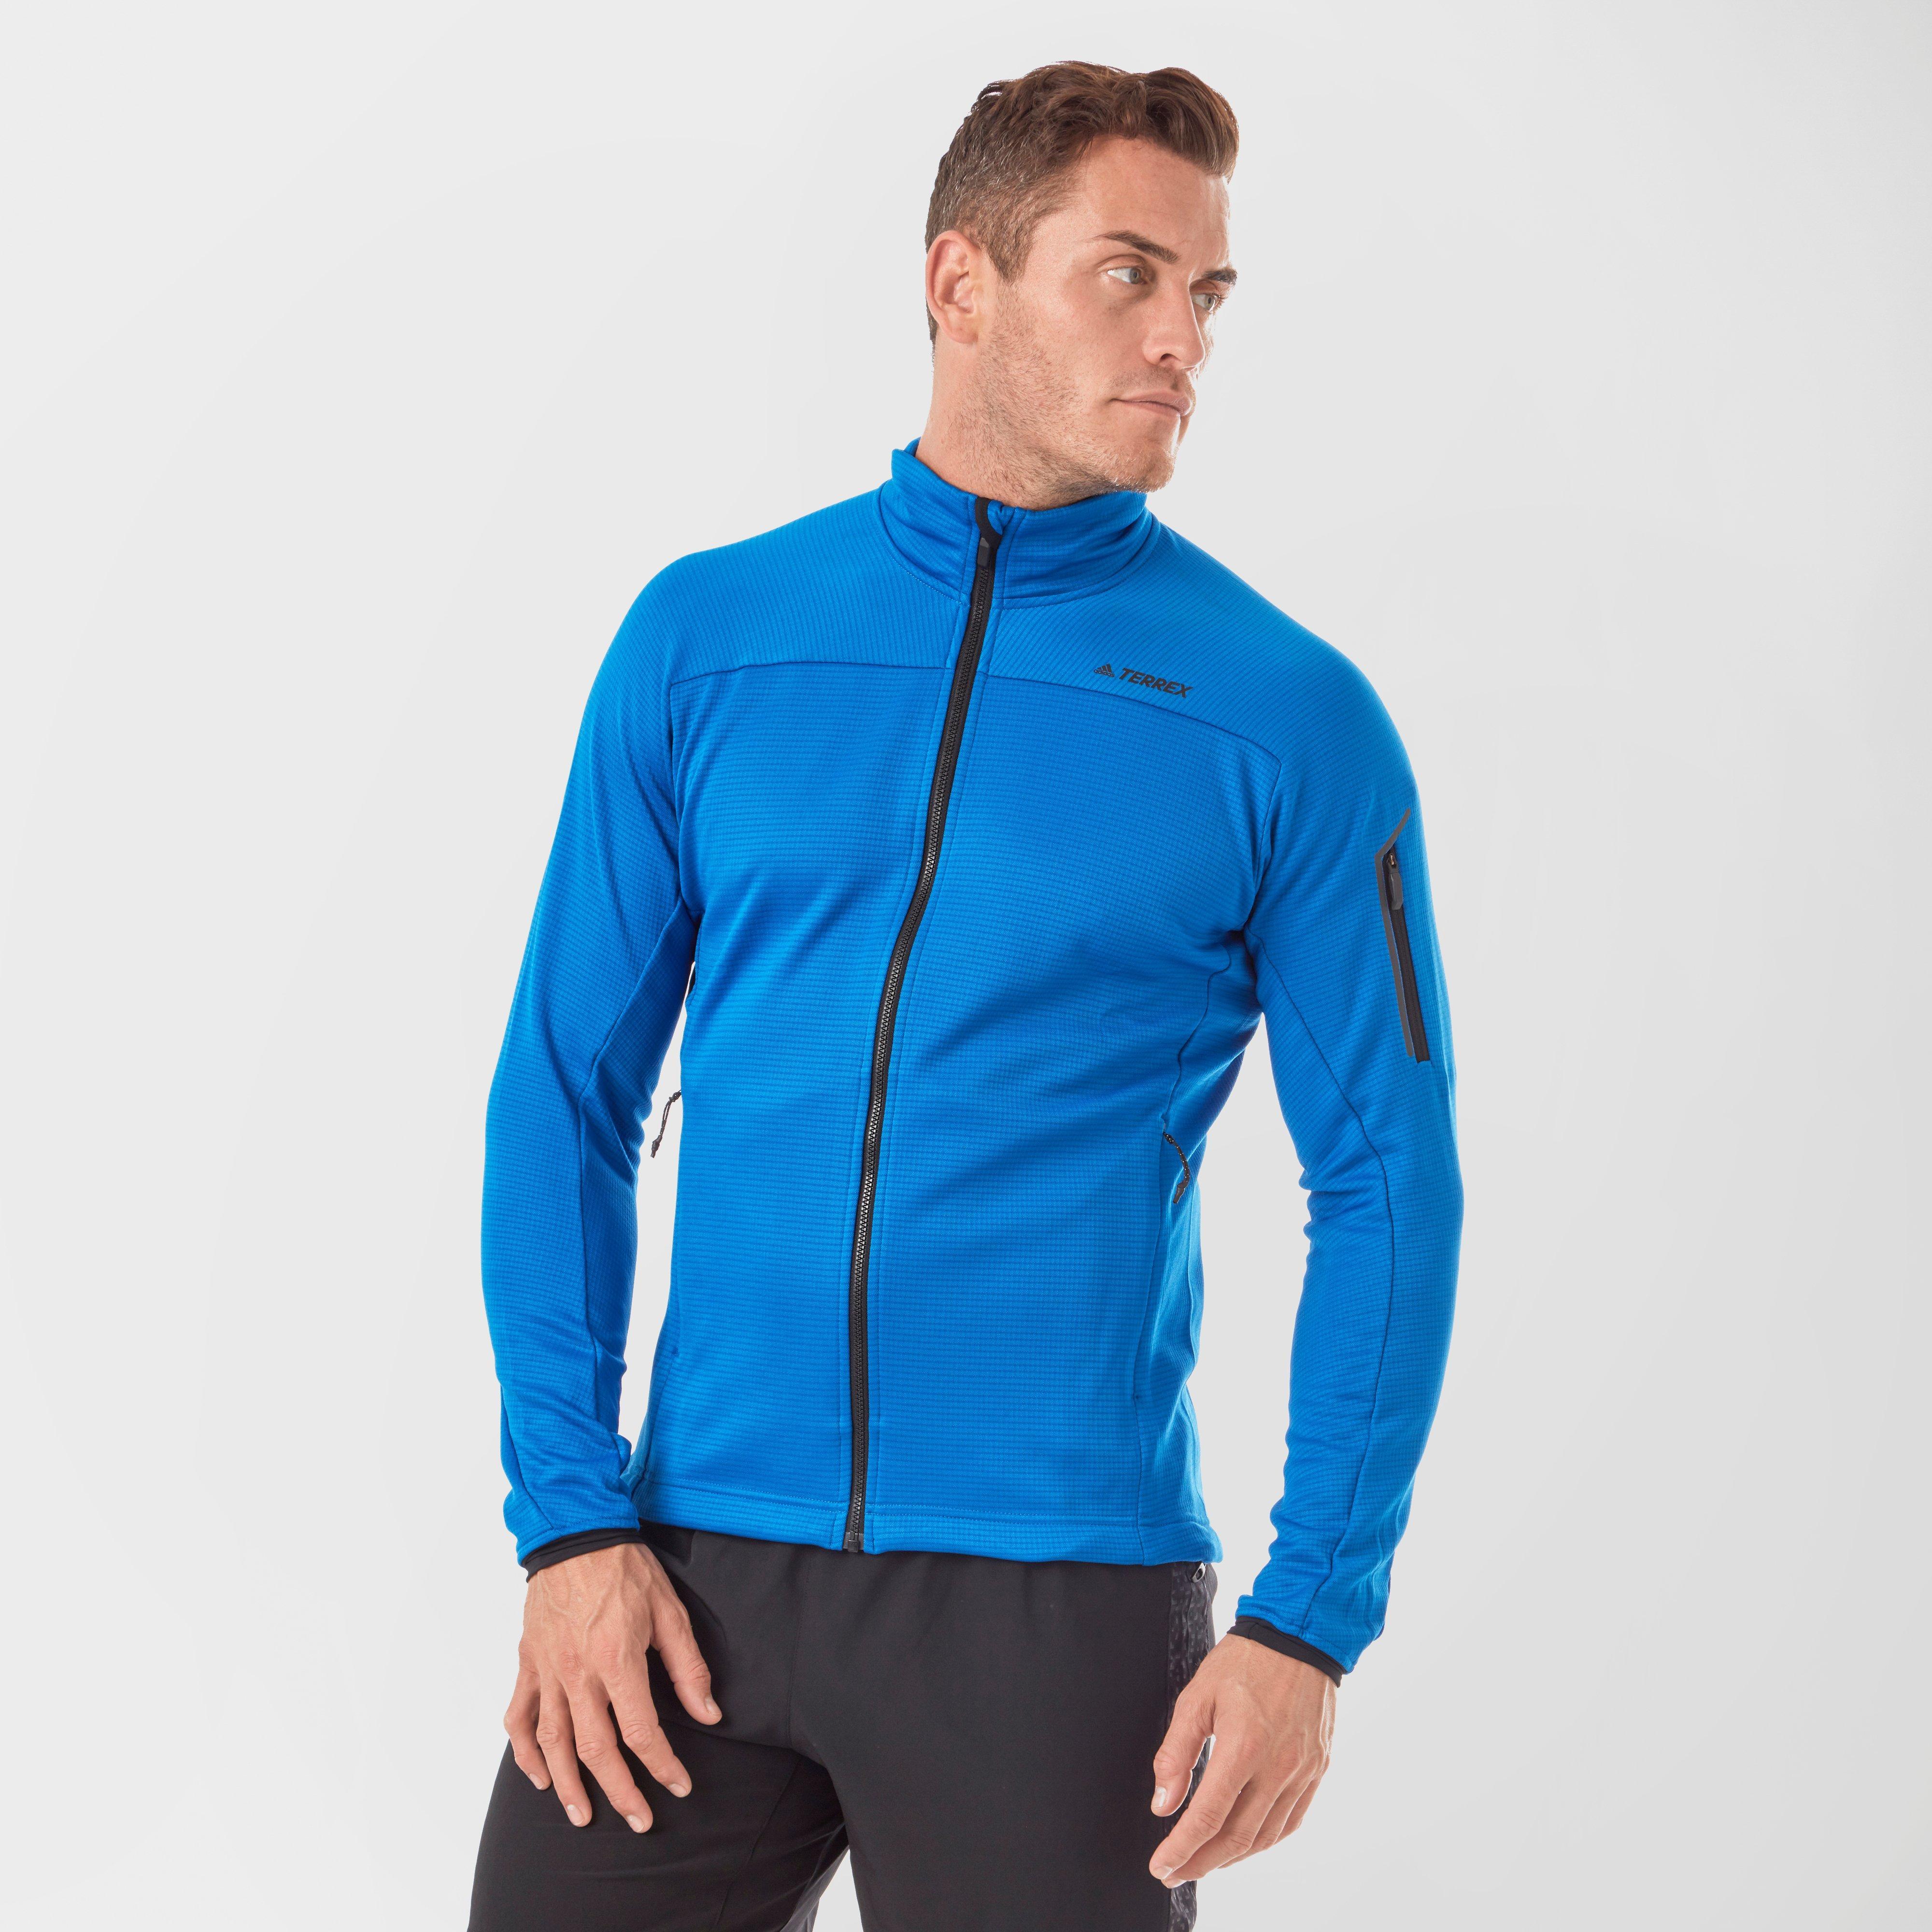 Détails sur Neuf adidas Veste polaire Terrex Stockhorn à manches longues pour homme